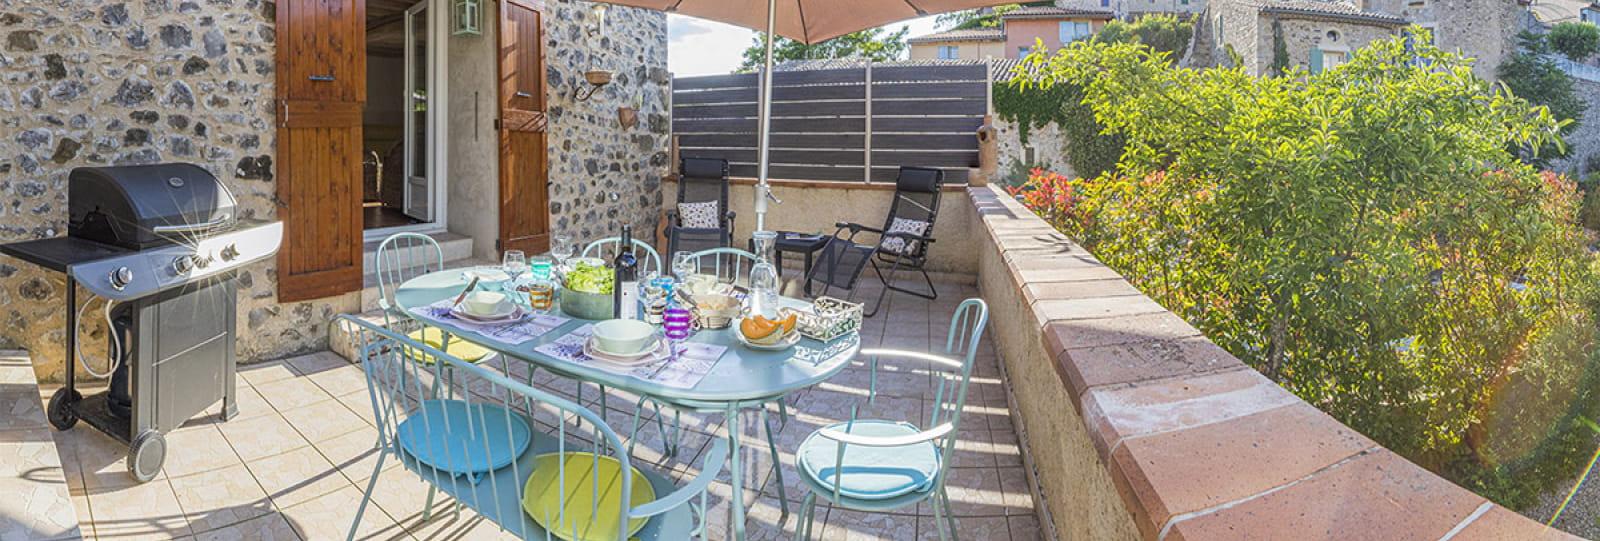 La terrasse devant la maison